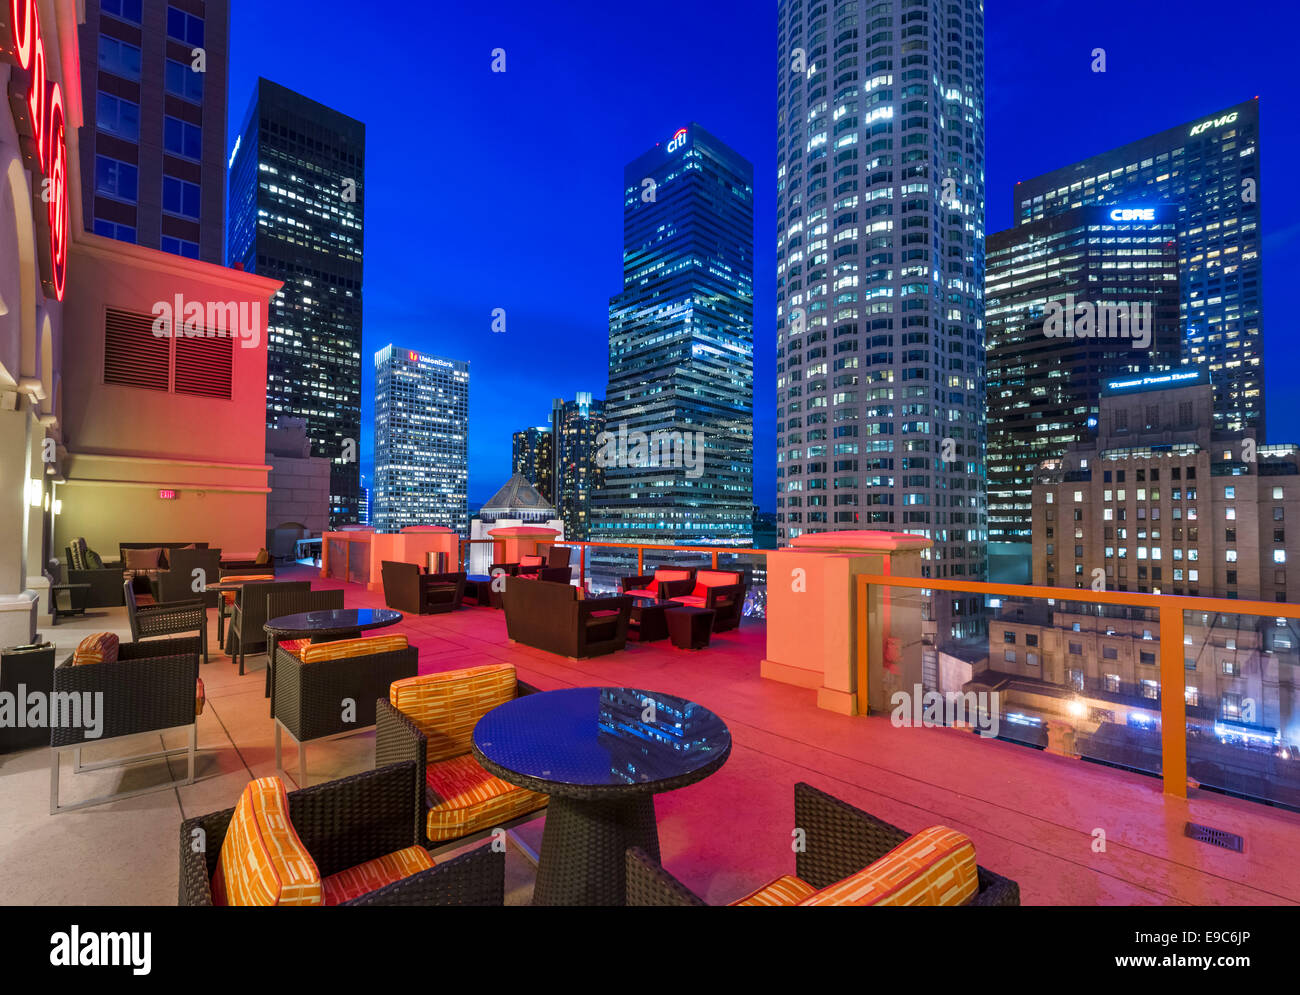 Los Angeles, Kalifornien, USA. Die Skyline der Innenstadt in der Nacht von der Dachterrasse des Hotels Hilton Checkers. Stockbild